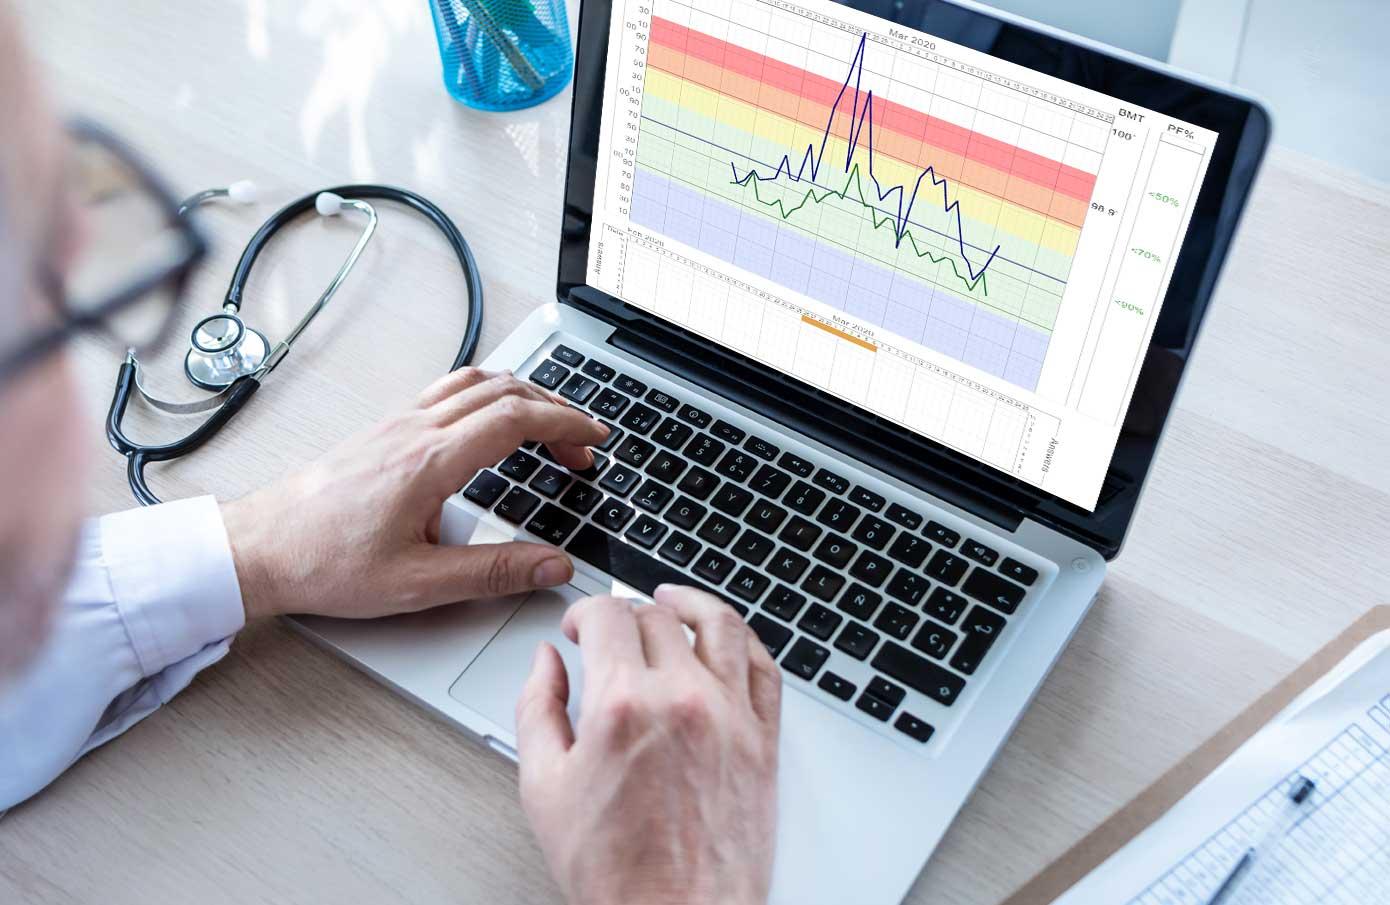 Doctors Computer Display